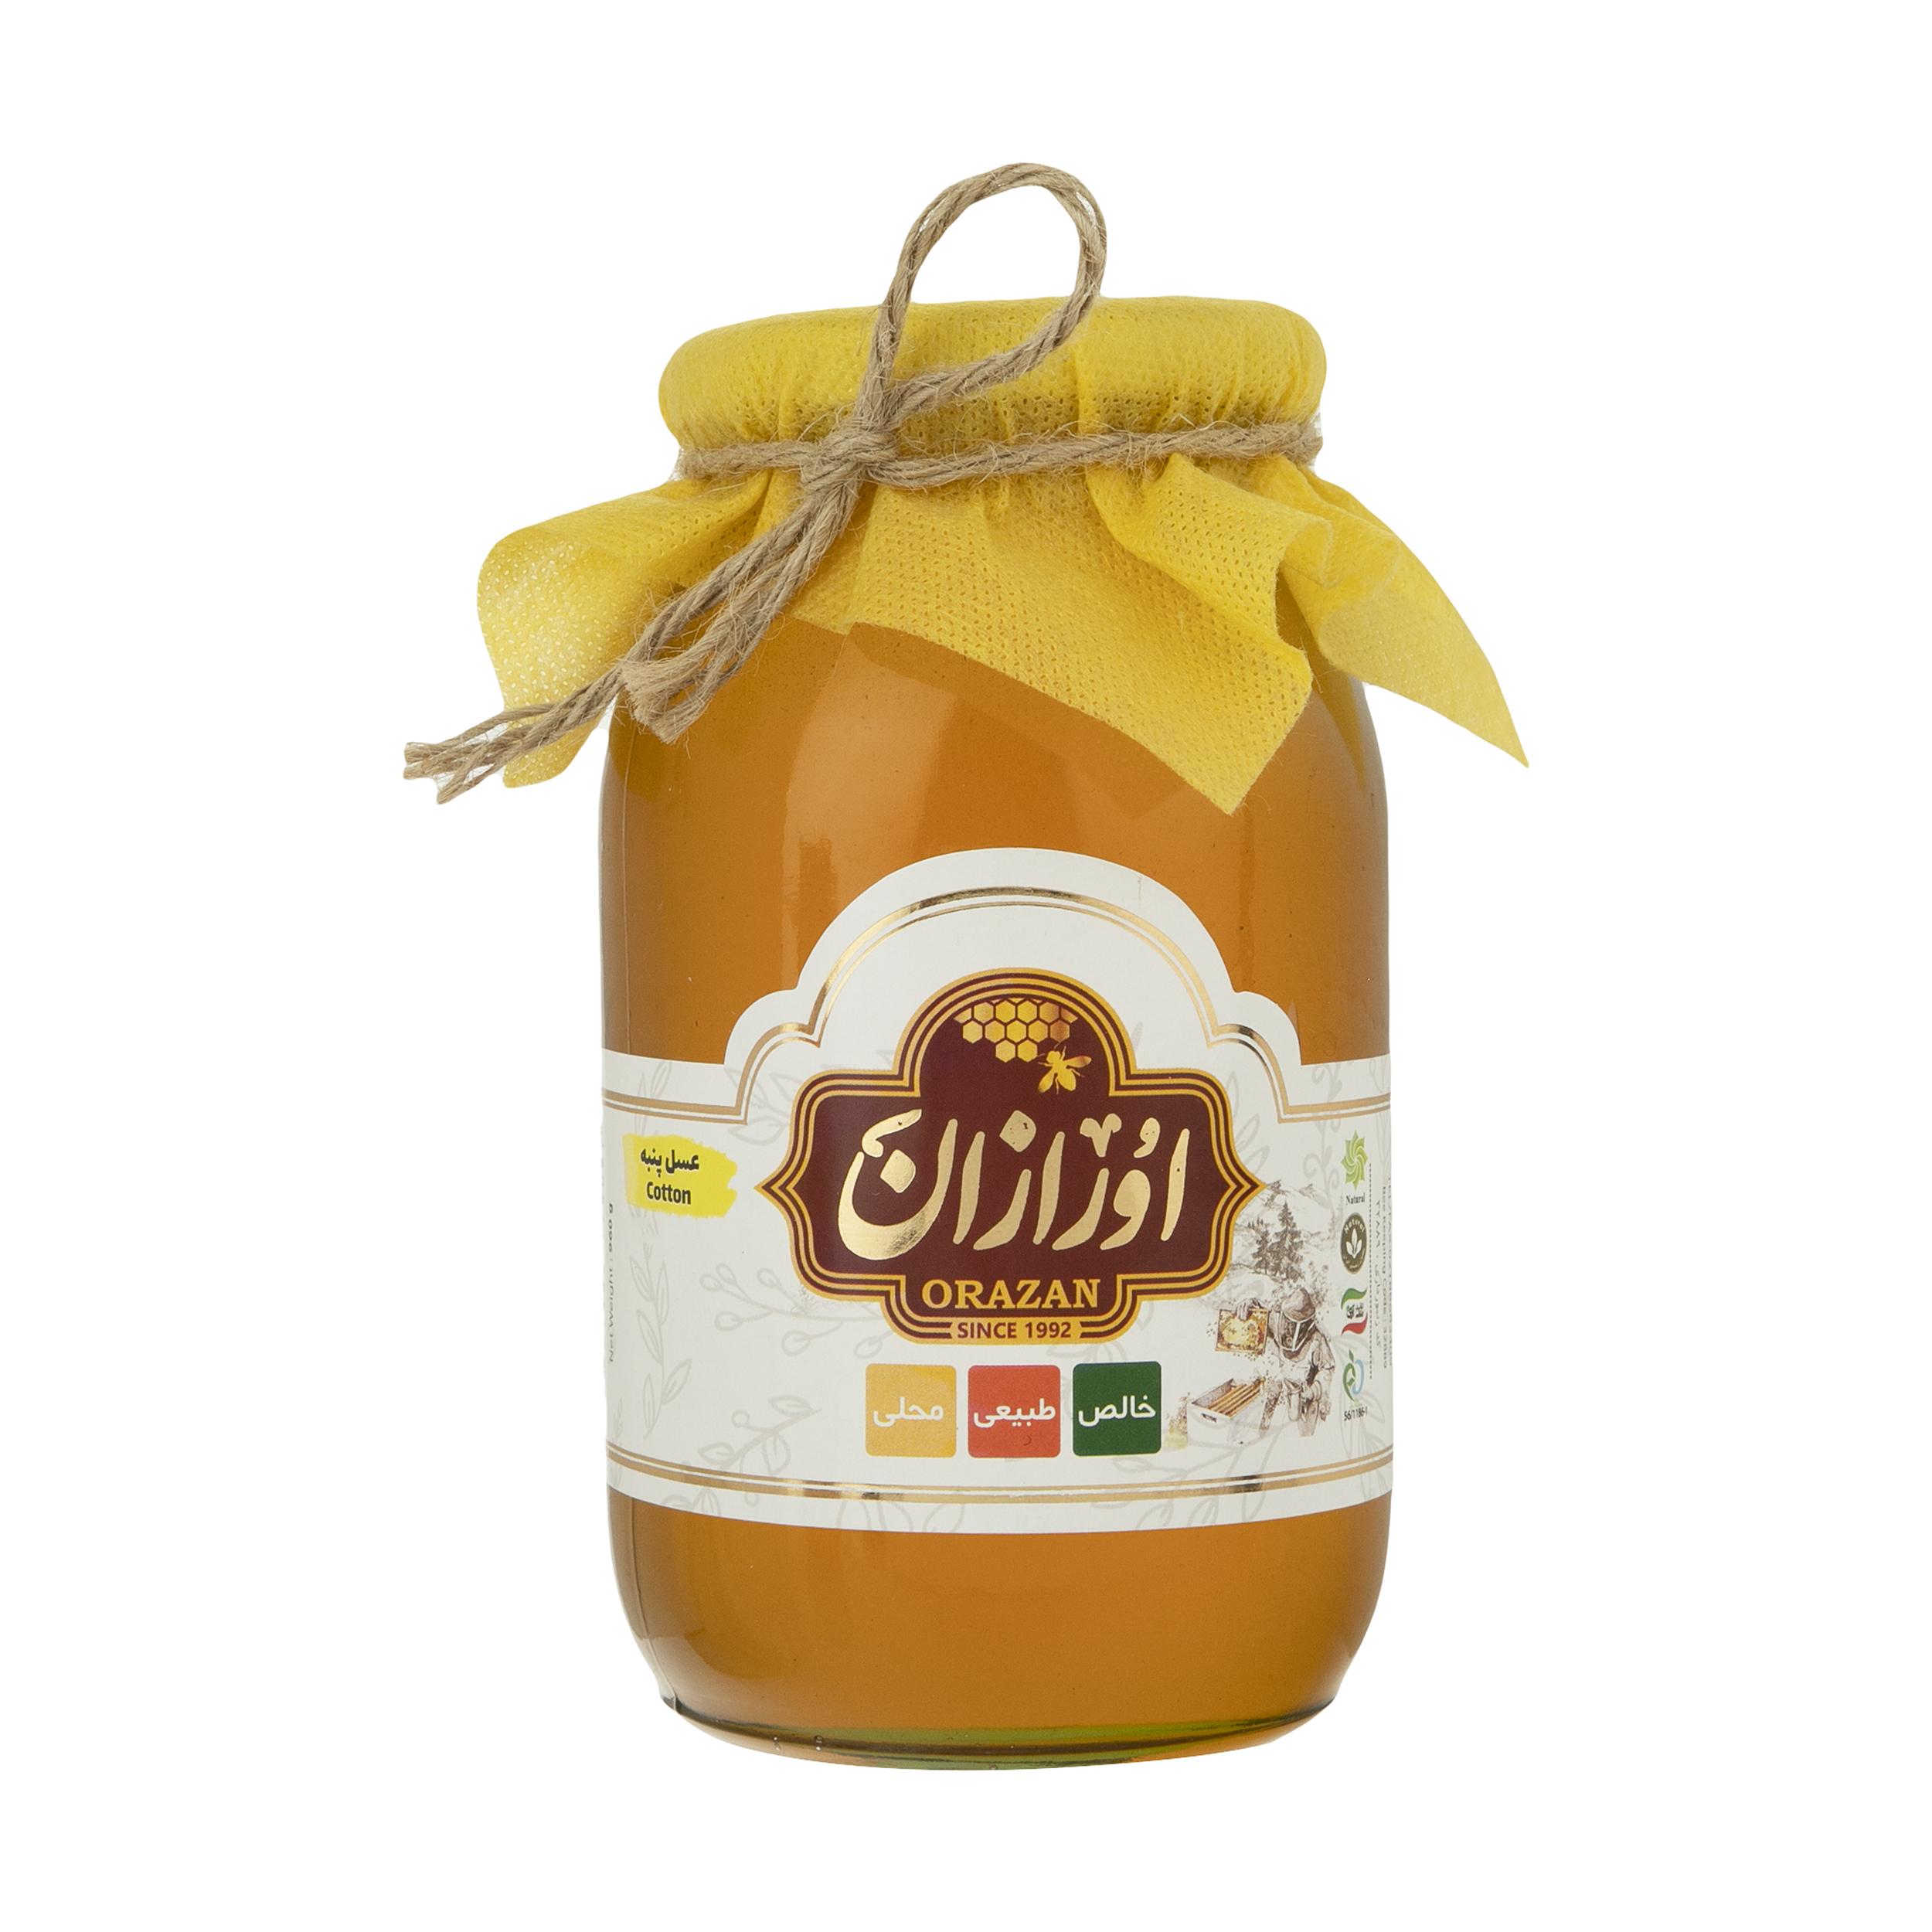 عسل پنبه اورازان - 960 گرم